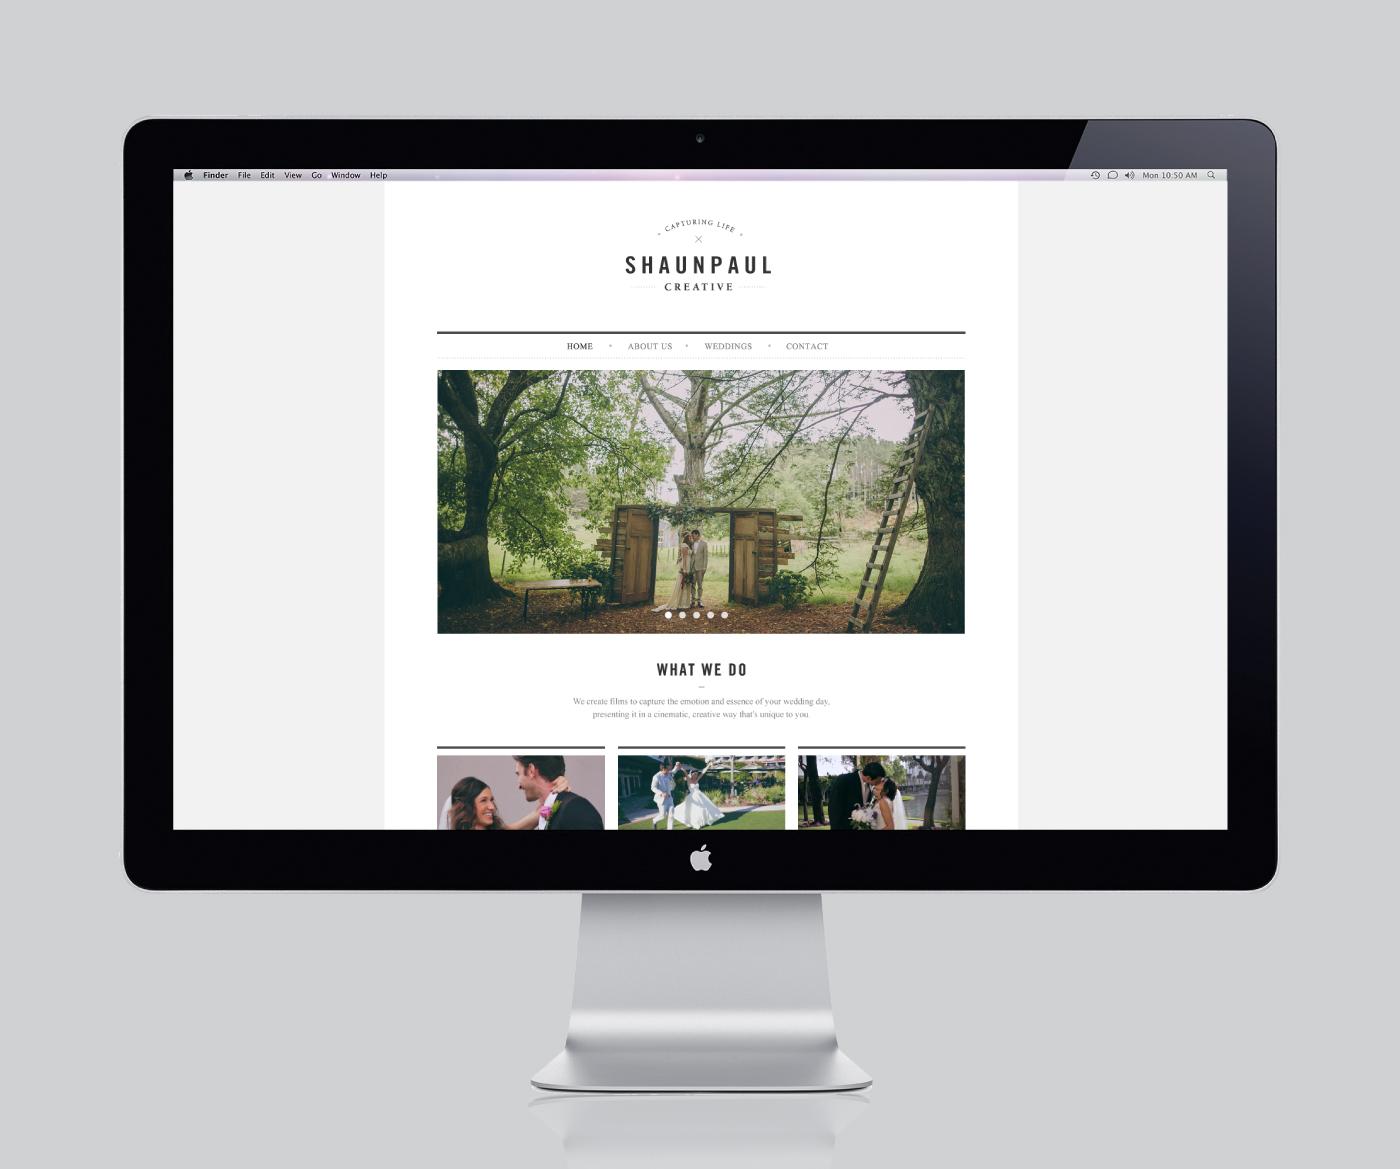 shaunpaul-website-homepage.jpg